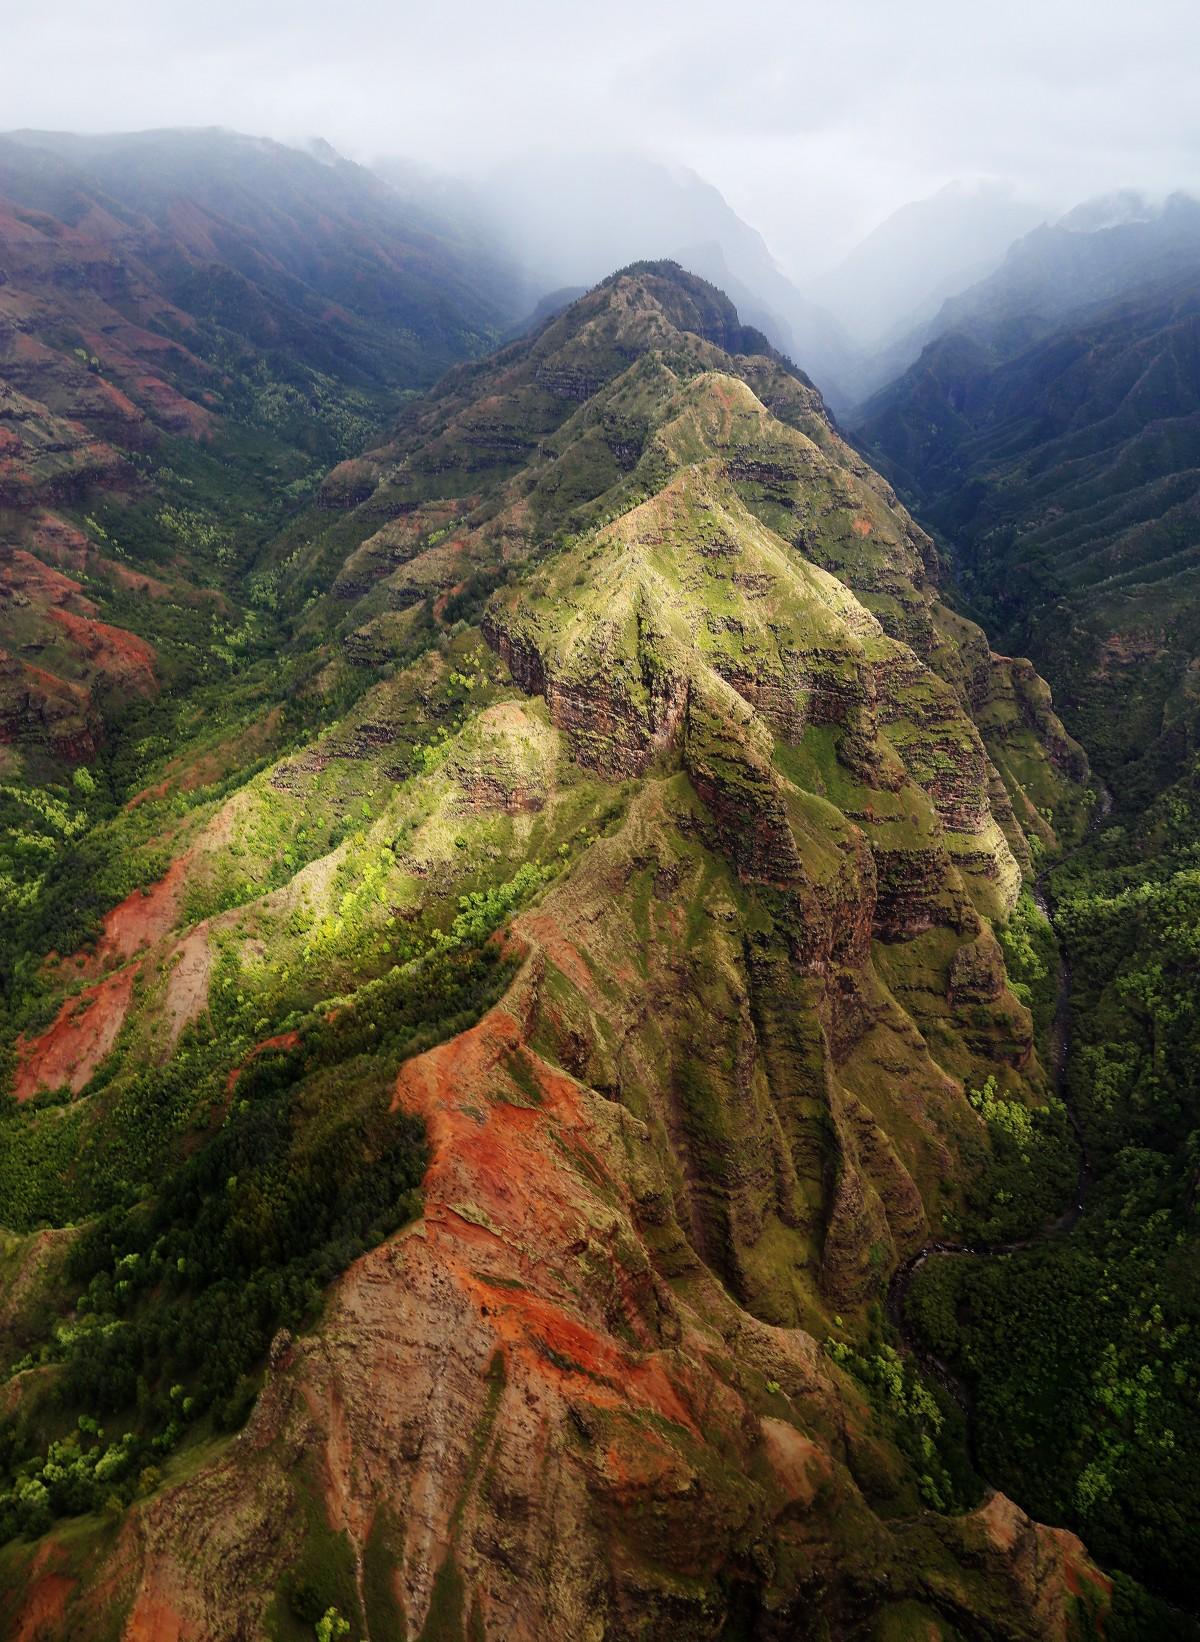 En bergskedja sträcker sig bort i dimman.